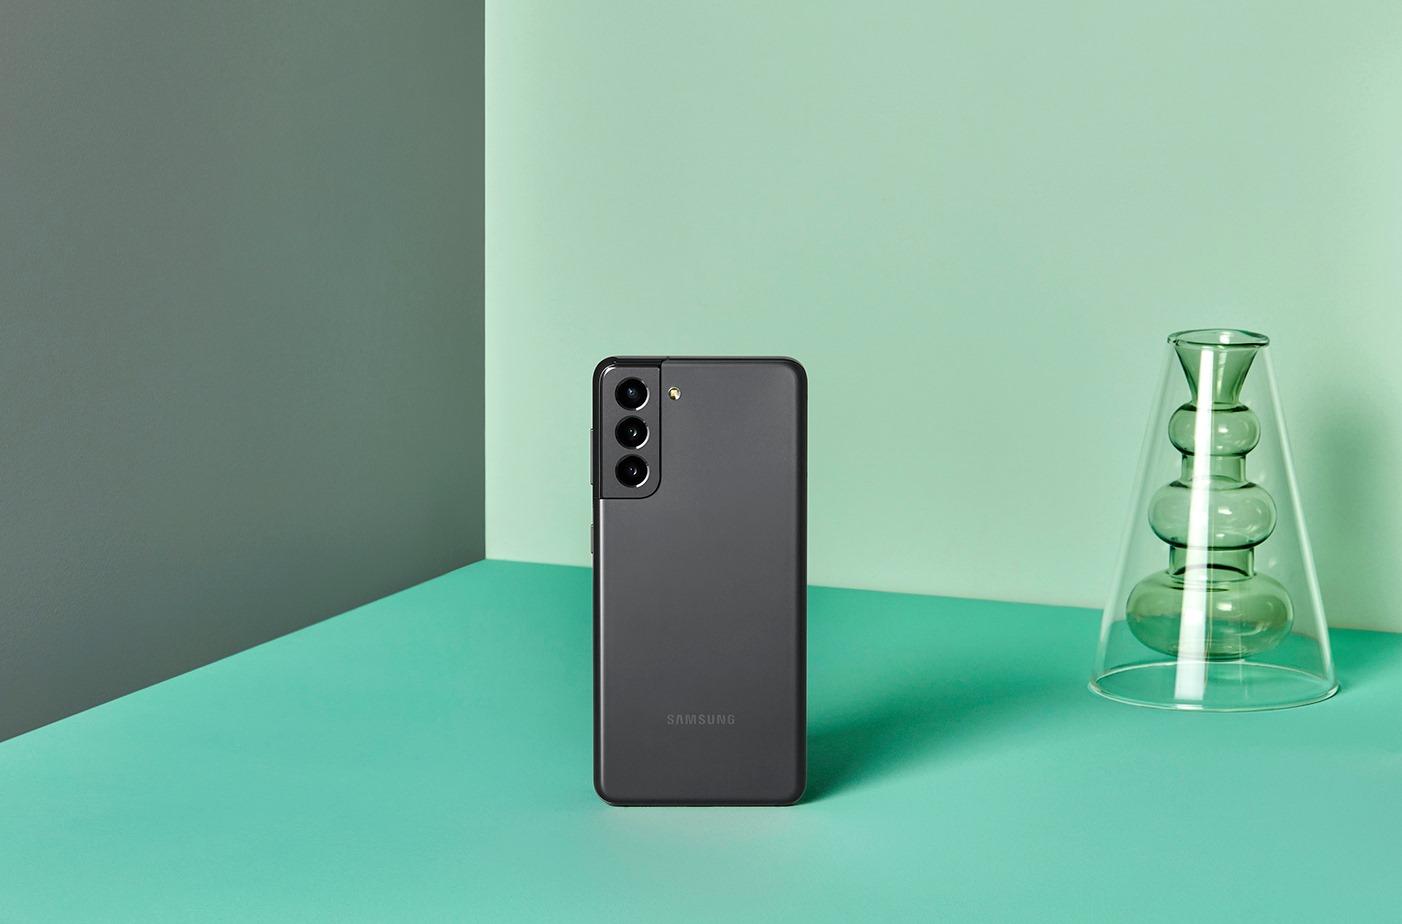 Samsung Galaxy S21 5G (8)